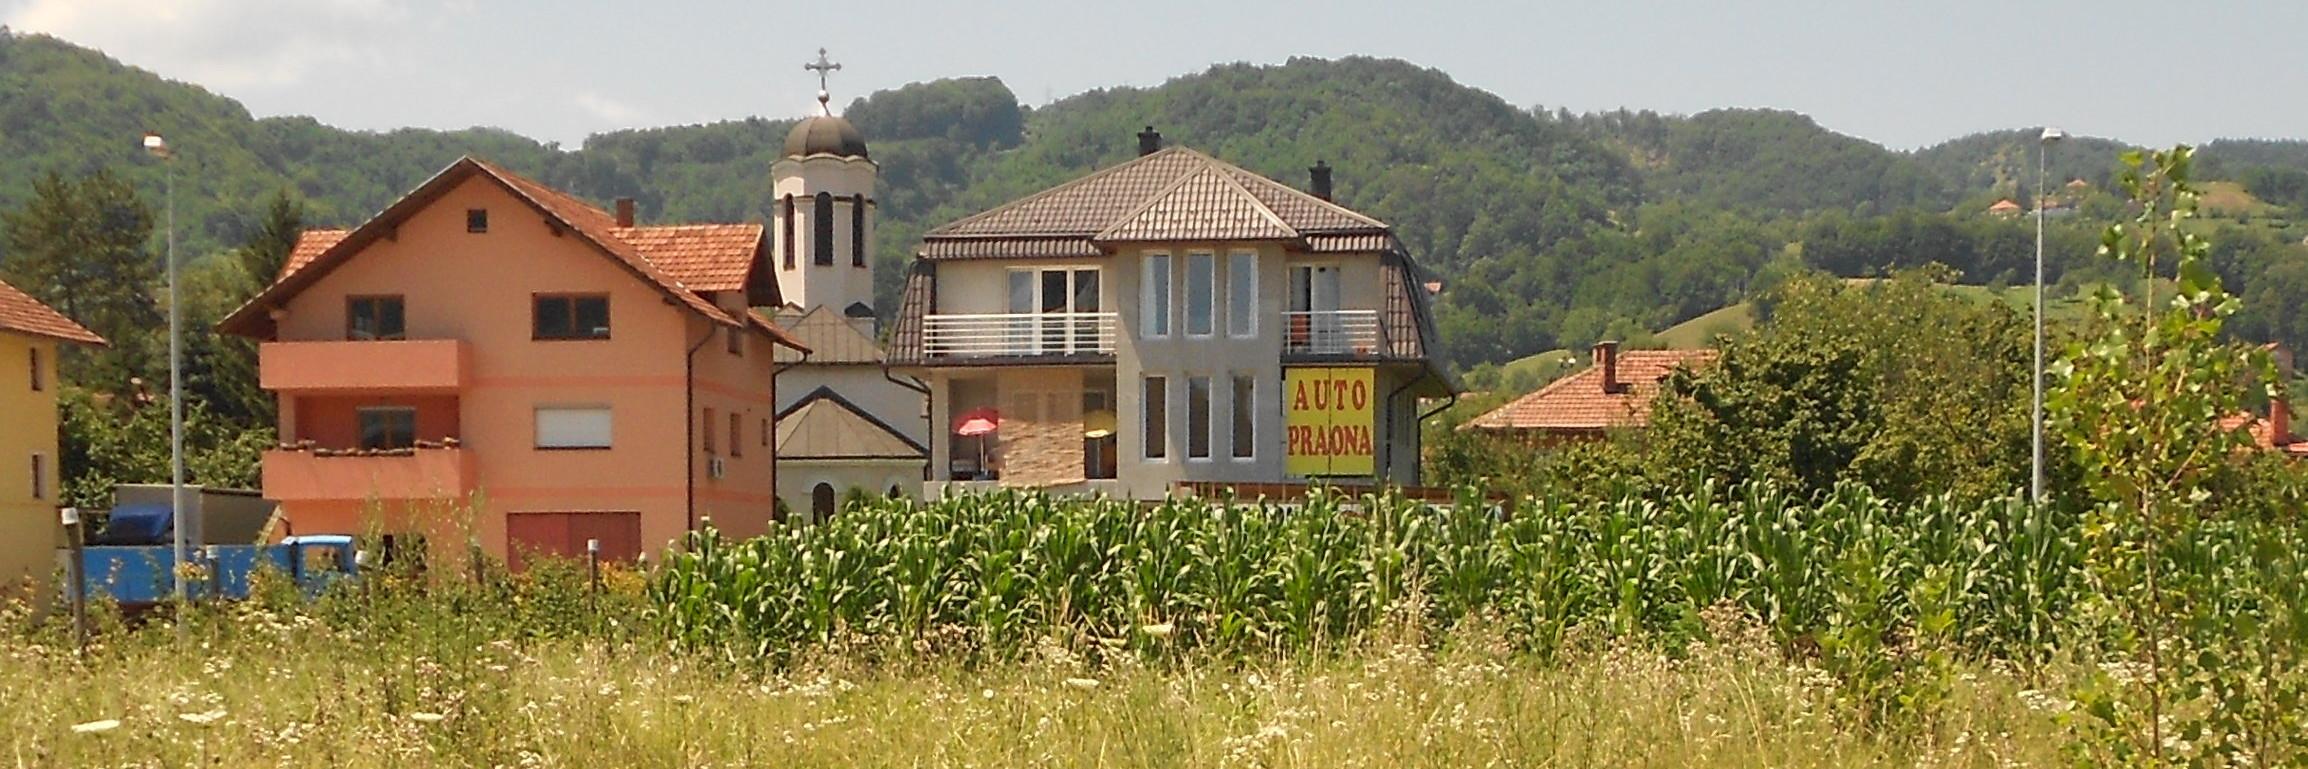 Церковь св. Илии-пророка в Маглае. Фото: Елена Арсениевич, CC BY-SA 3.0